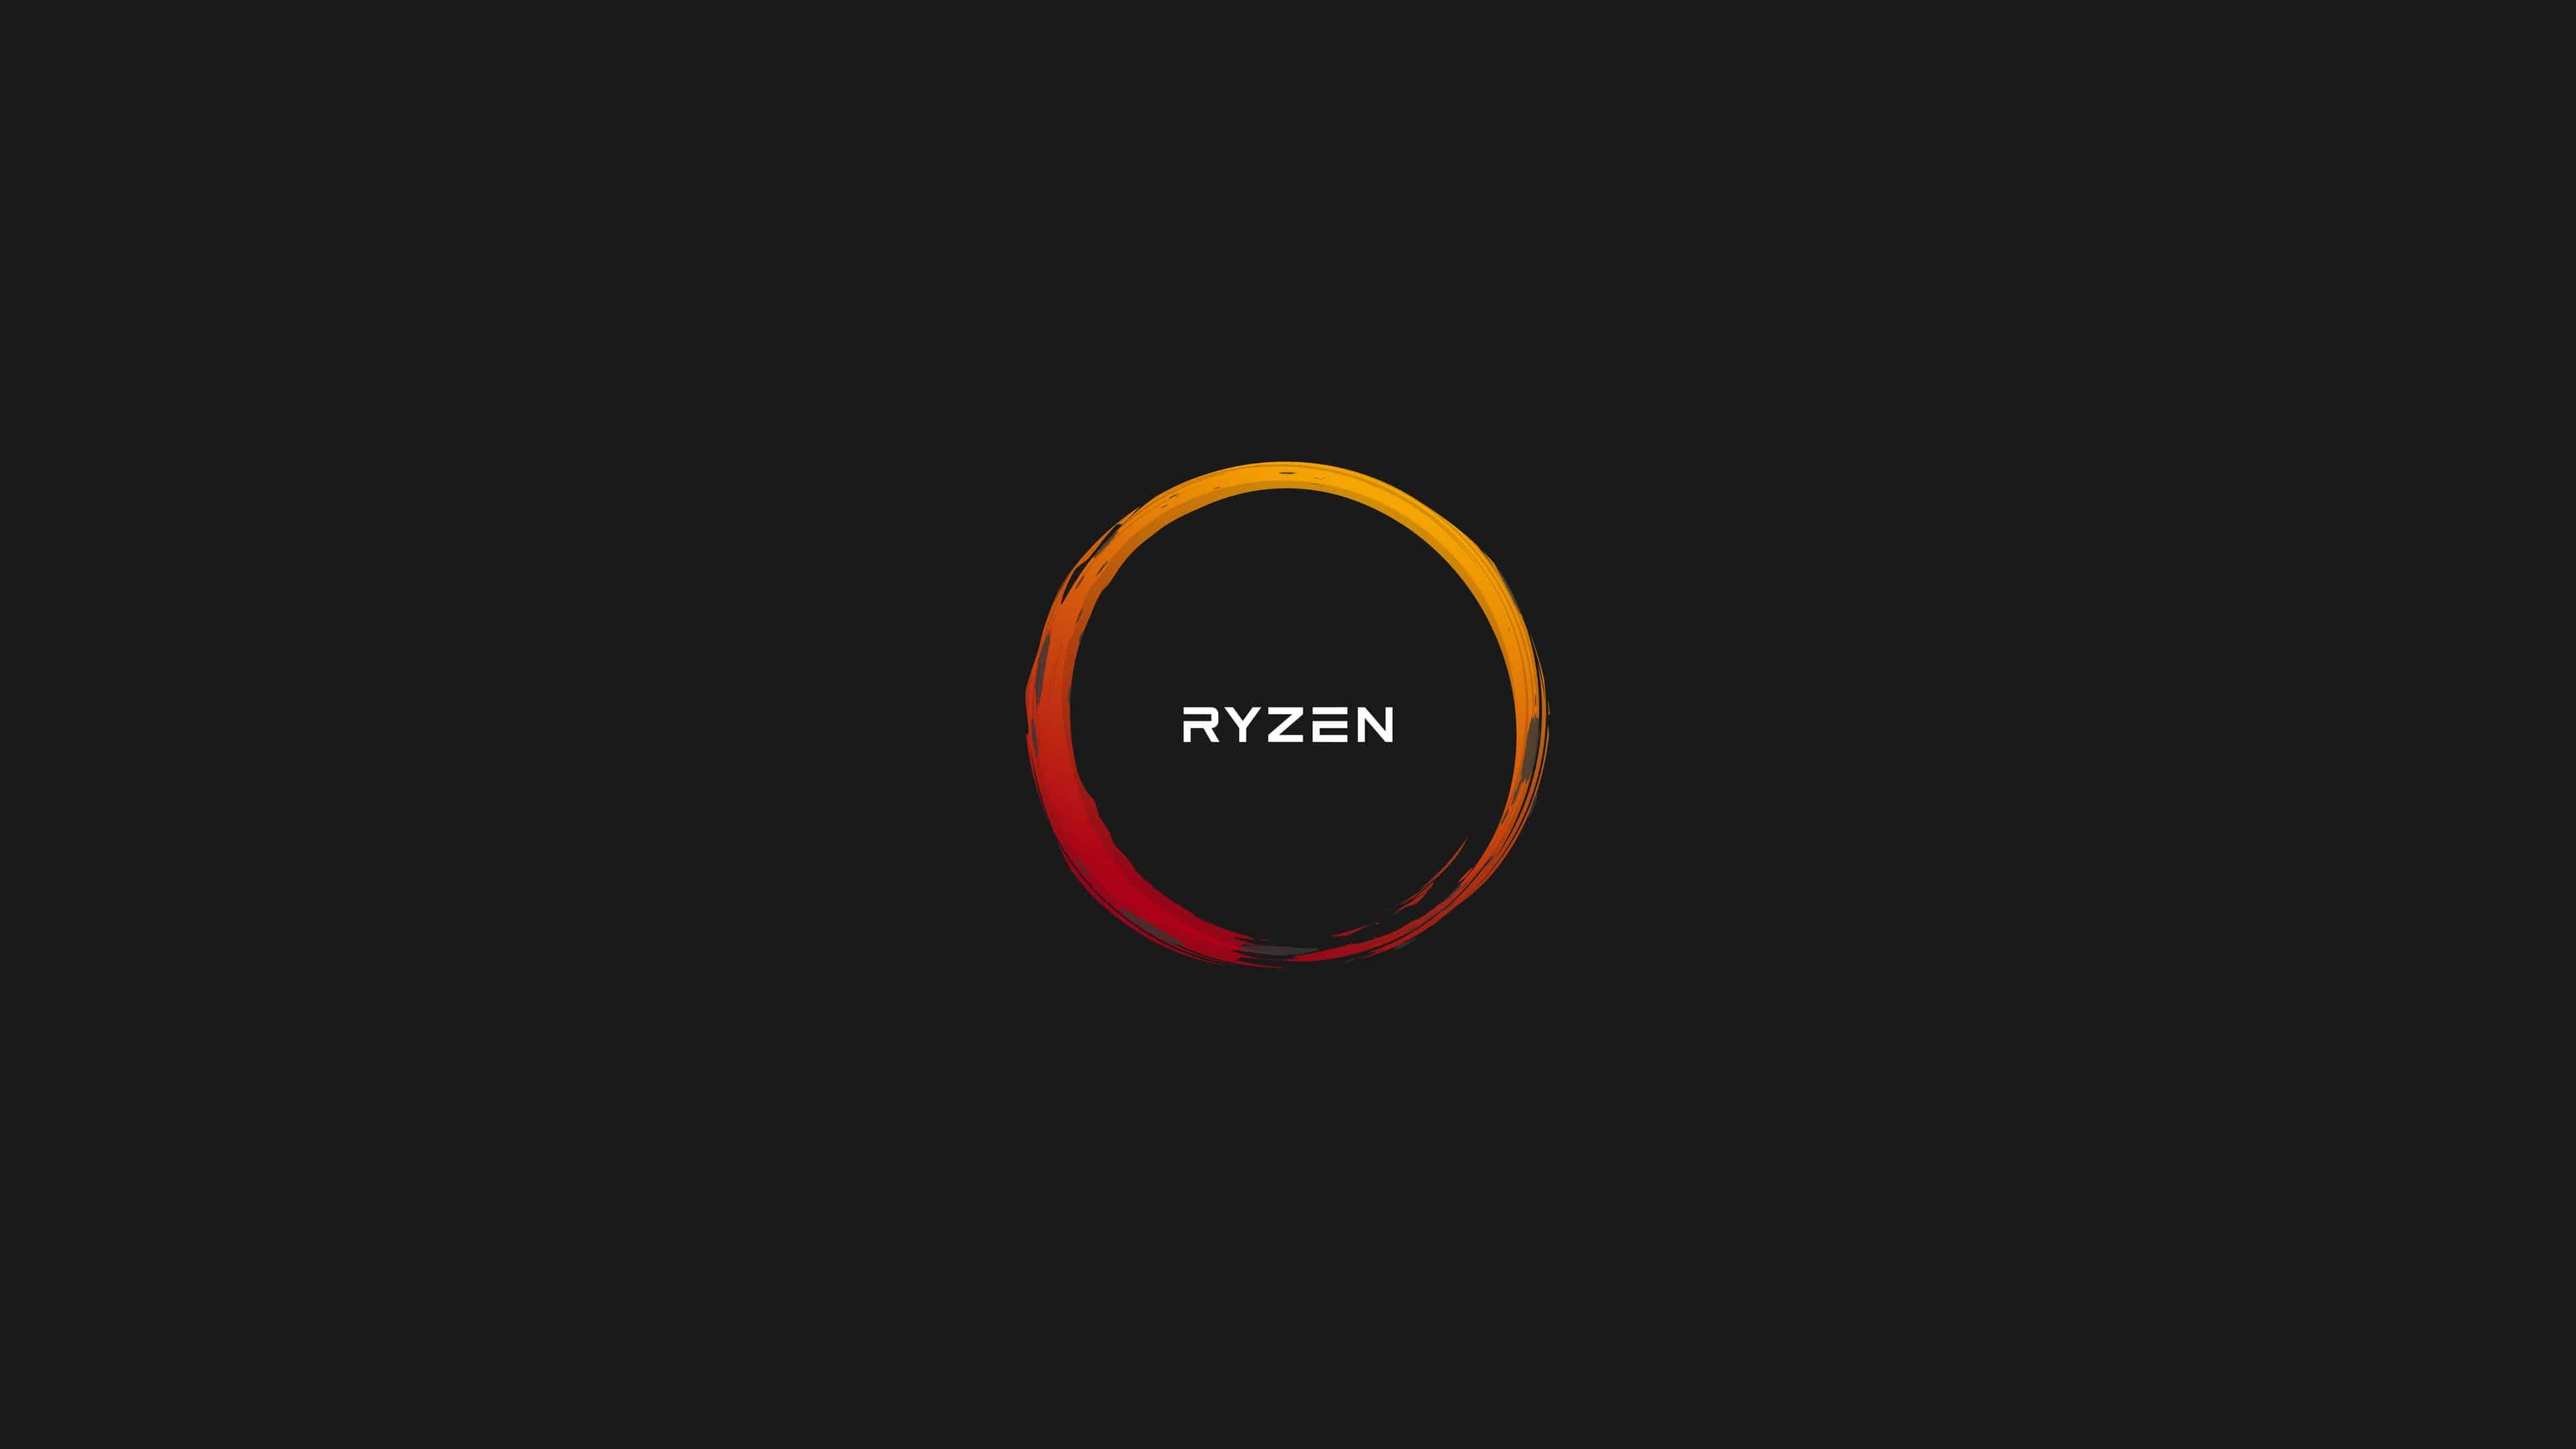 amd ryzen logo uhd 4k wallpaper